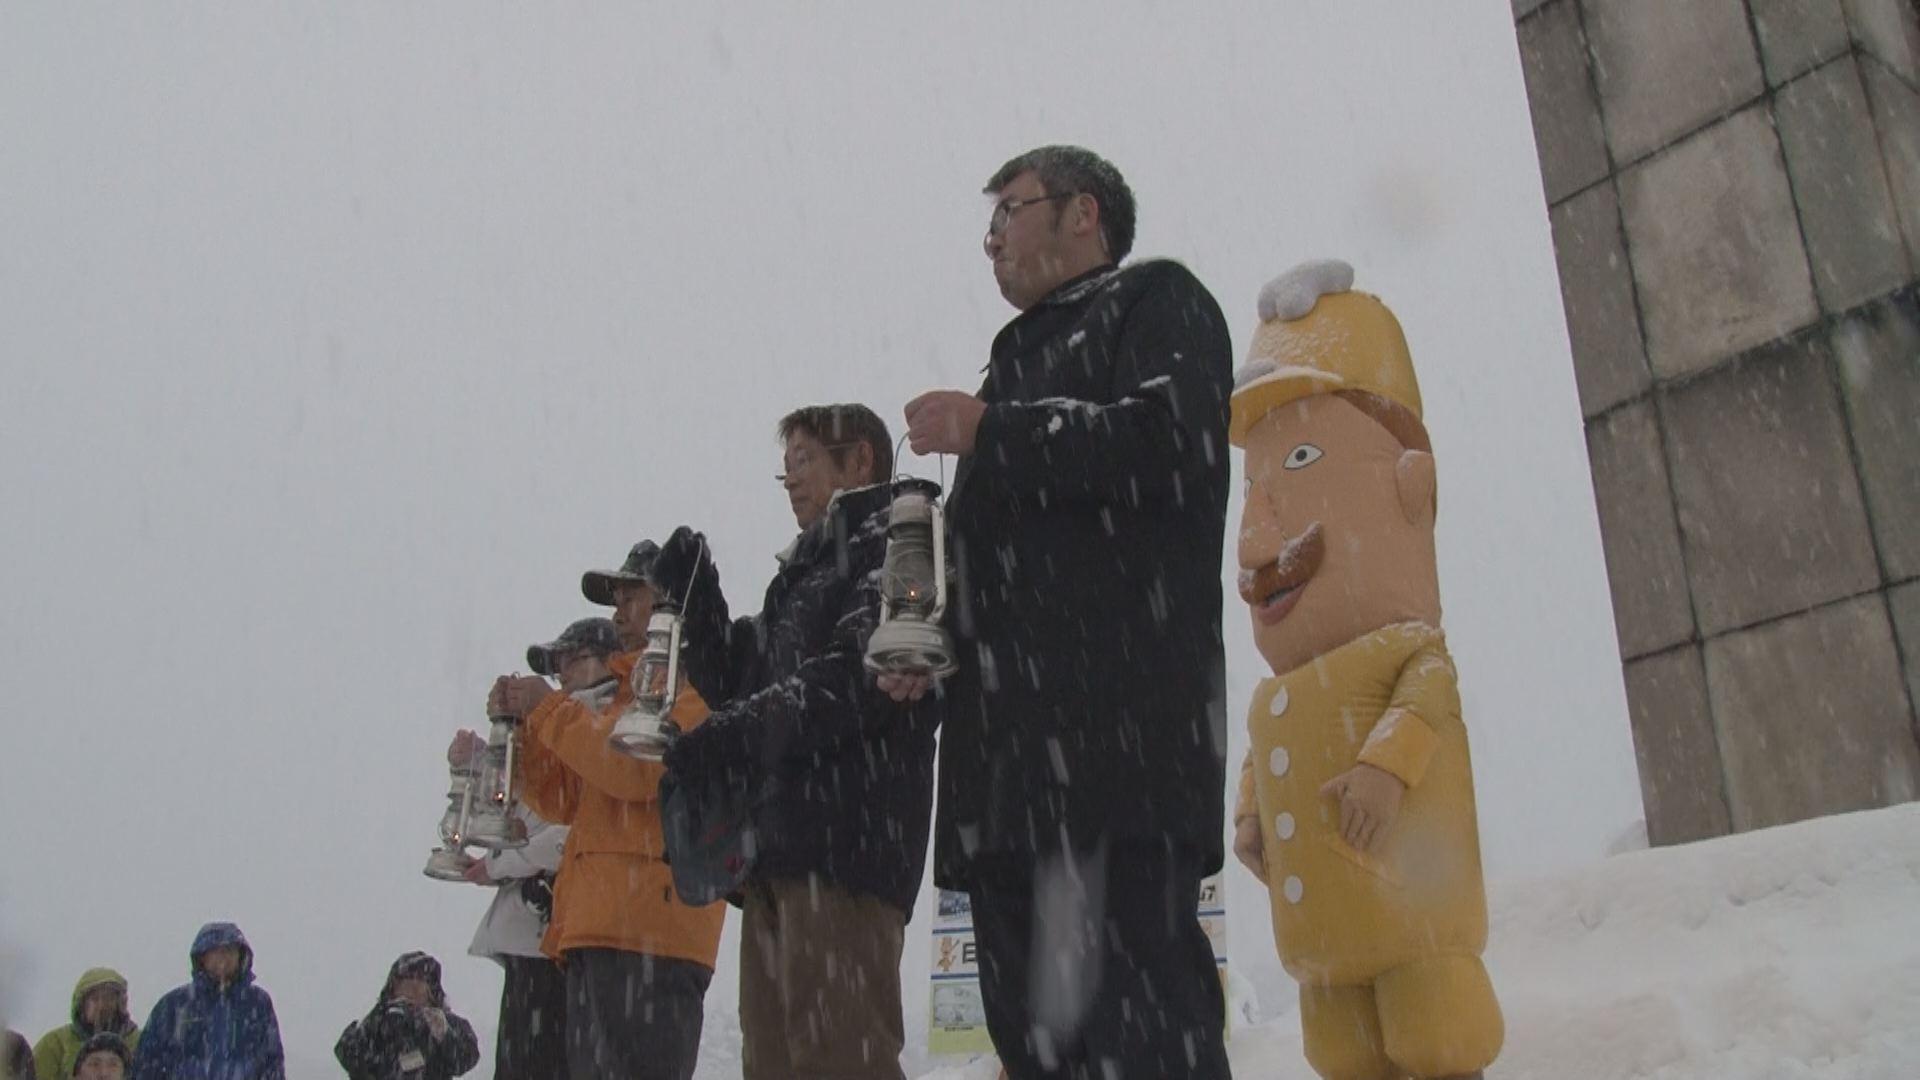 180112_スキーの日 レルヒ少佐顕彰会3